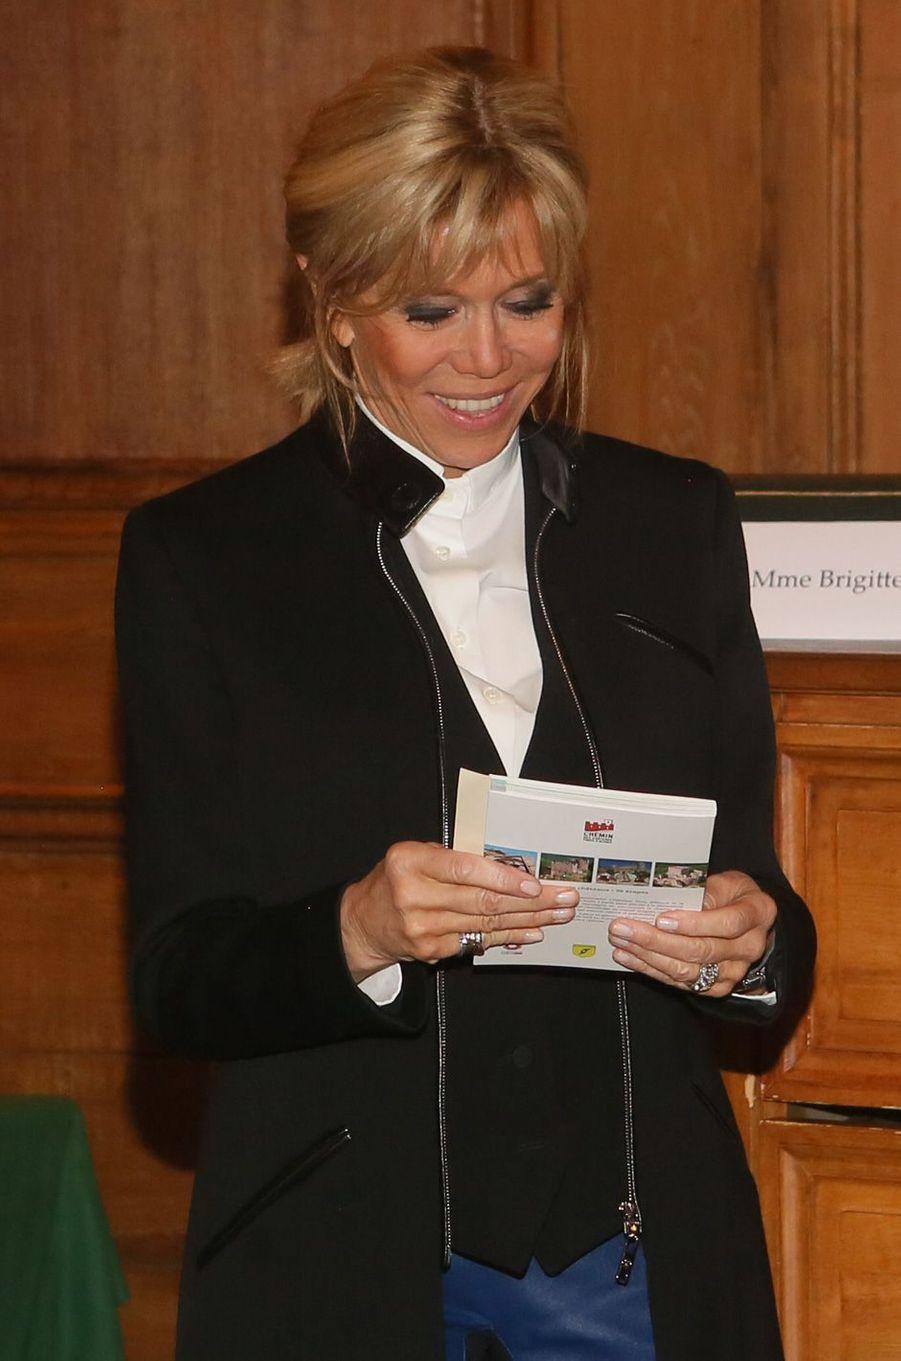 Brigitte Macron jeudi soir lors de la remise desPrix de la «Fondation Stéphane Bern pour l'Histoire et le Patrimoine», à l'Institut de France.